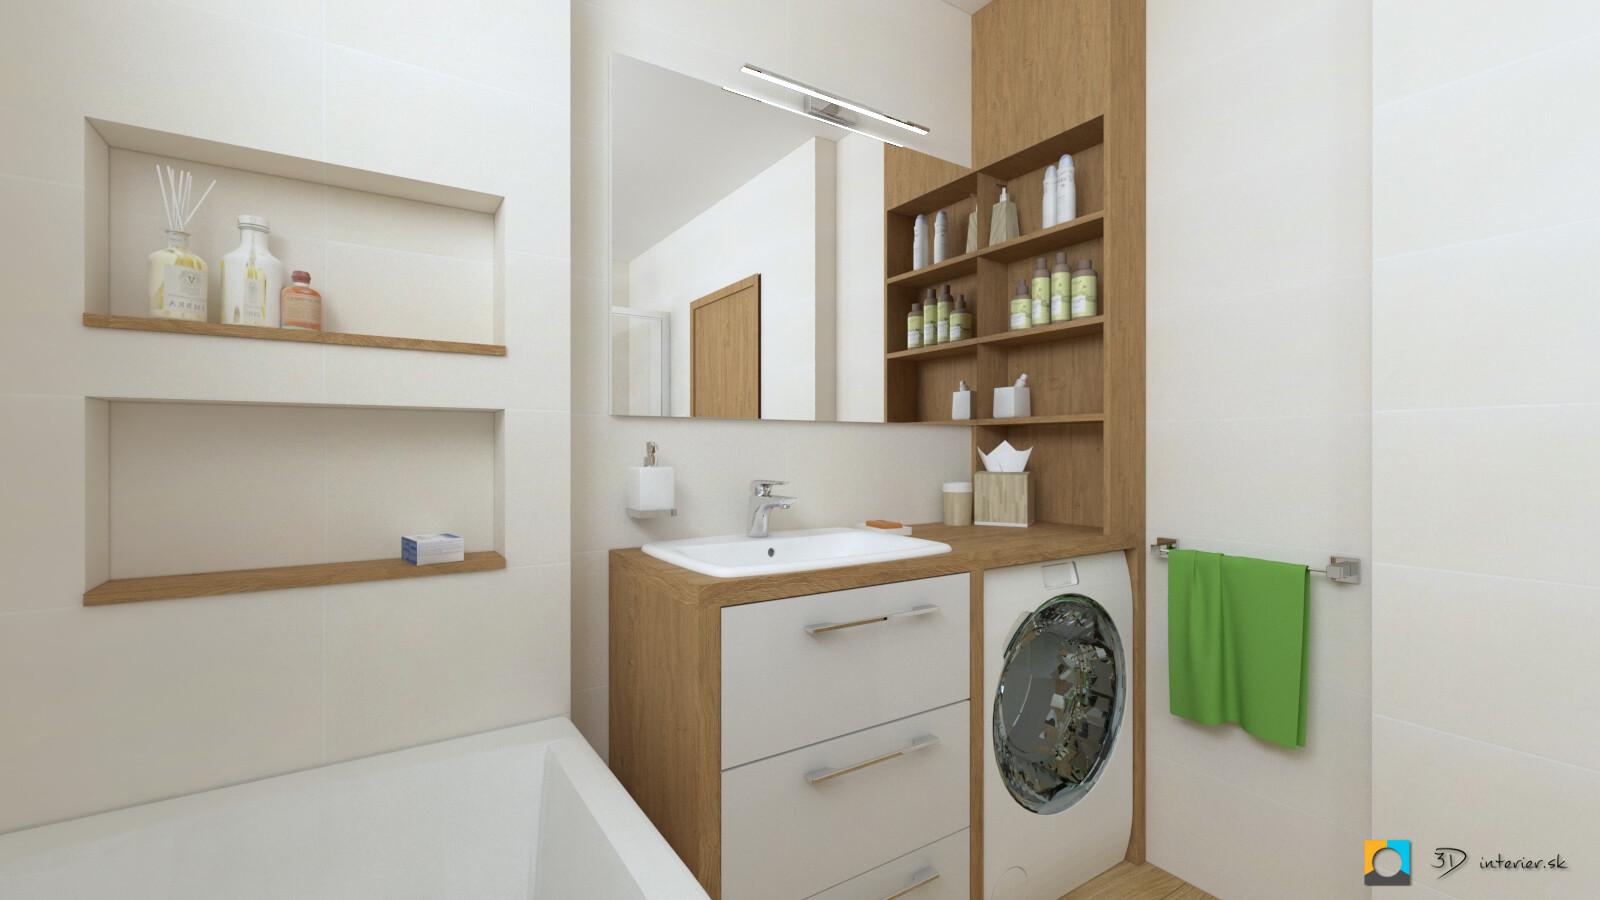 aký obklad do kúpeľne, borneo, skrinka na mieru